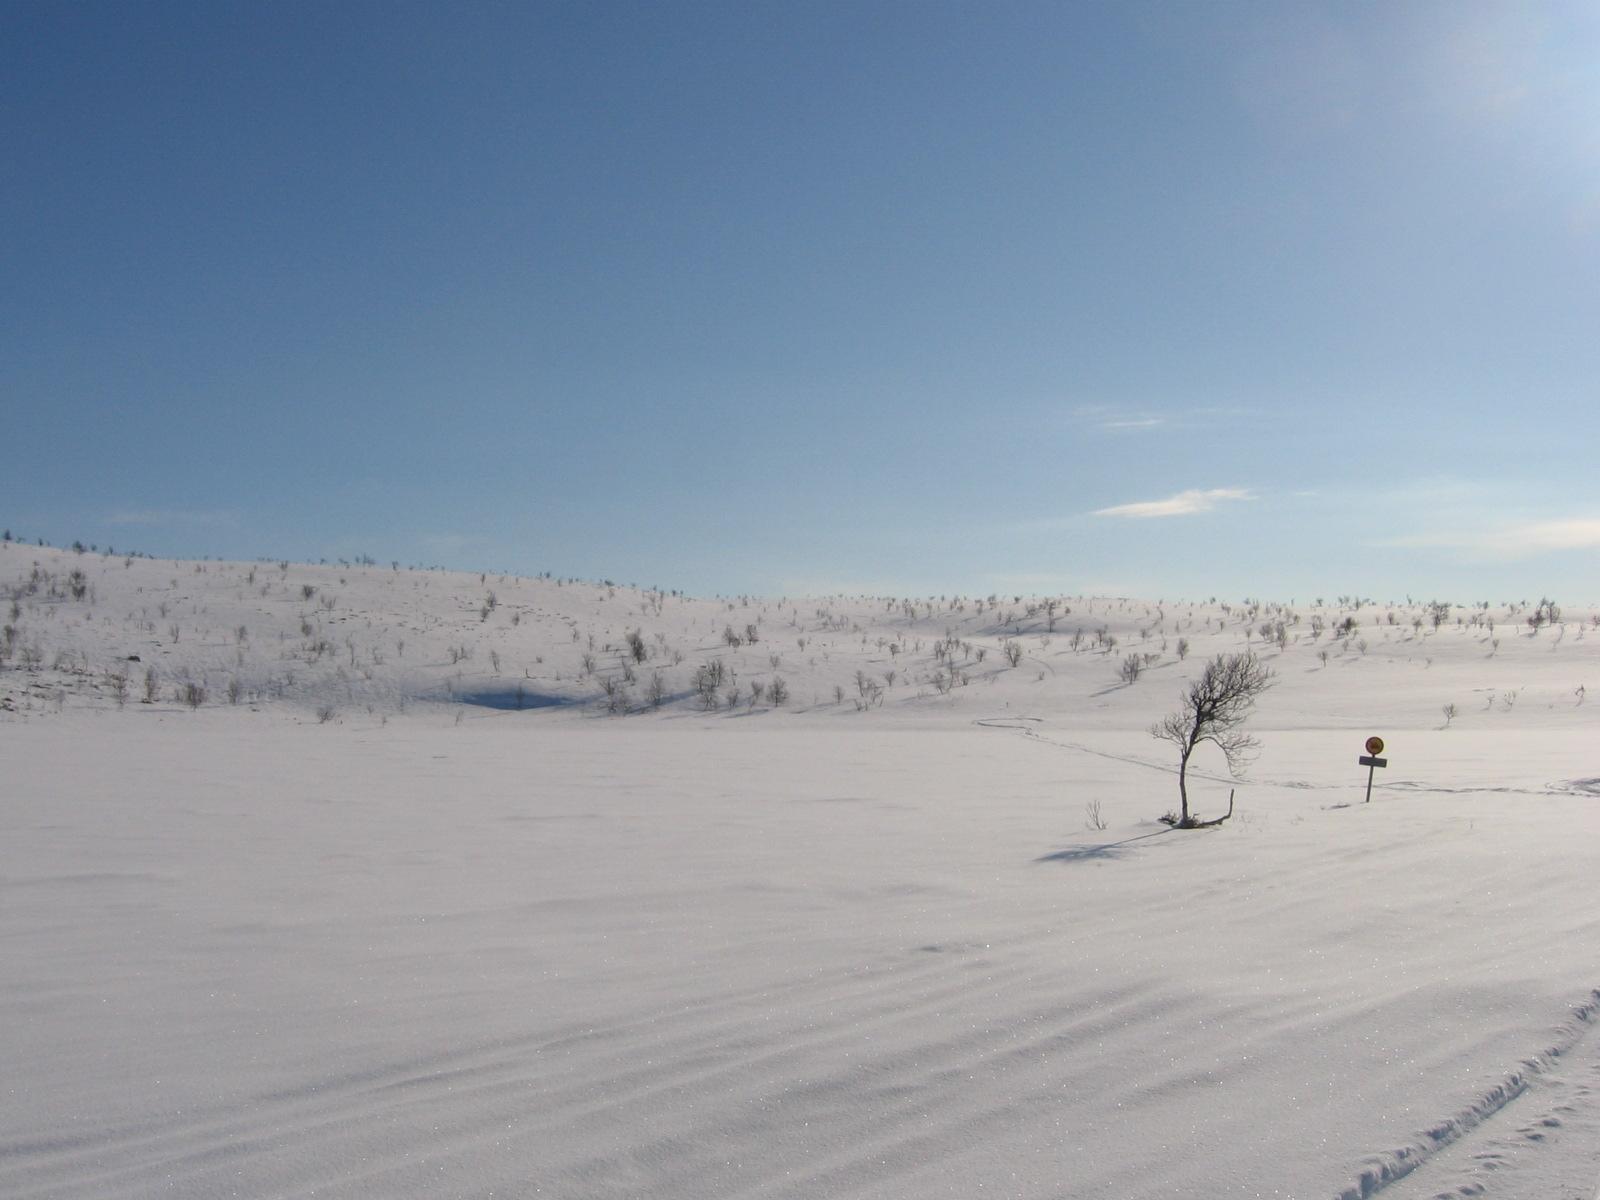 Talvireitillä liki Cuomasjavria 15.4.2010